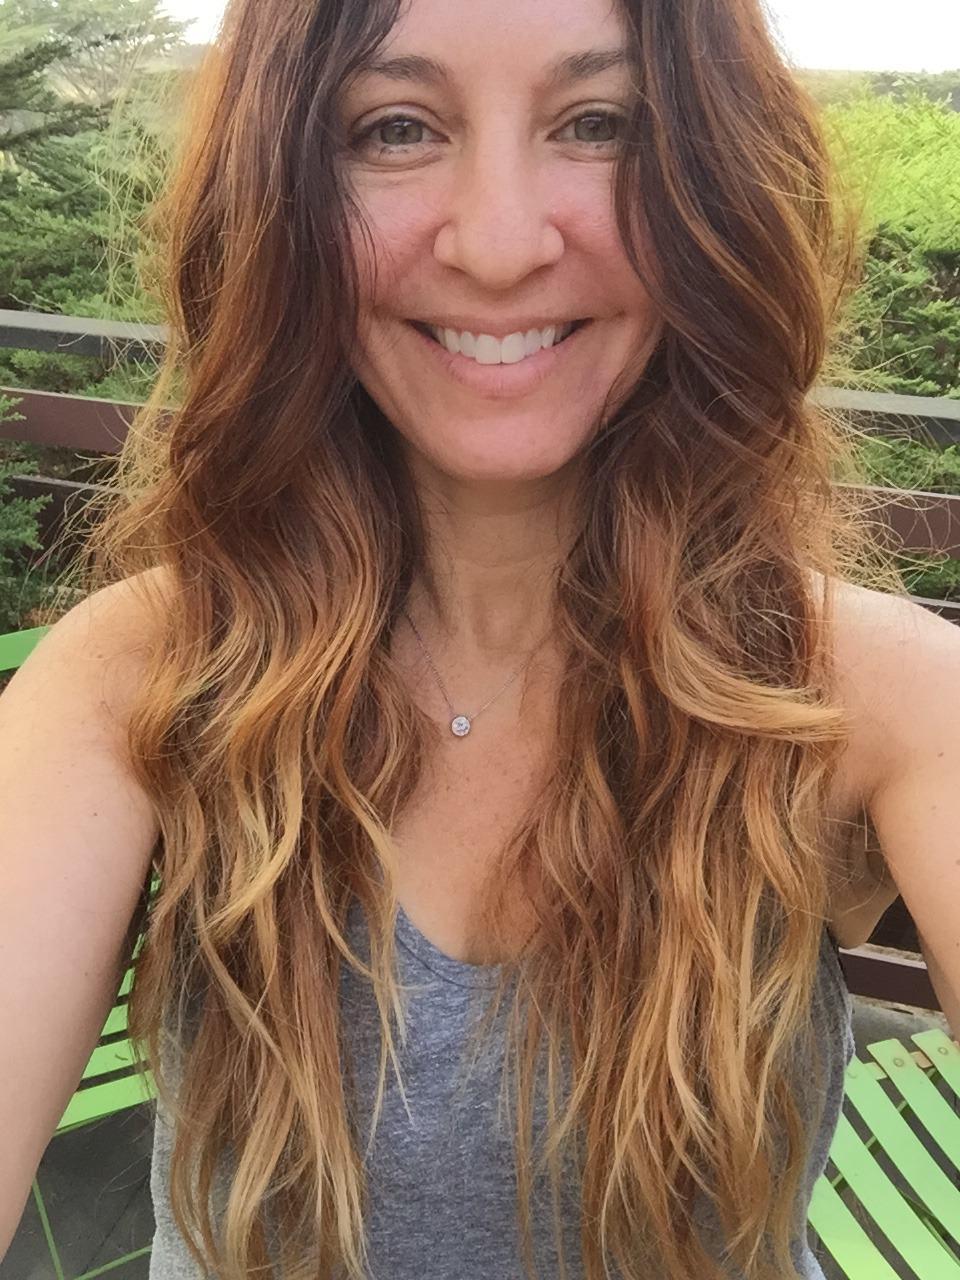 Post-braids hair